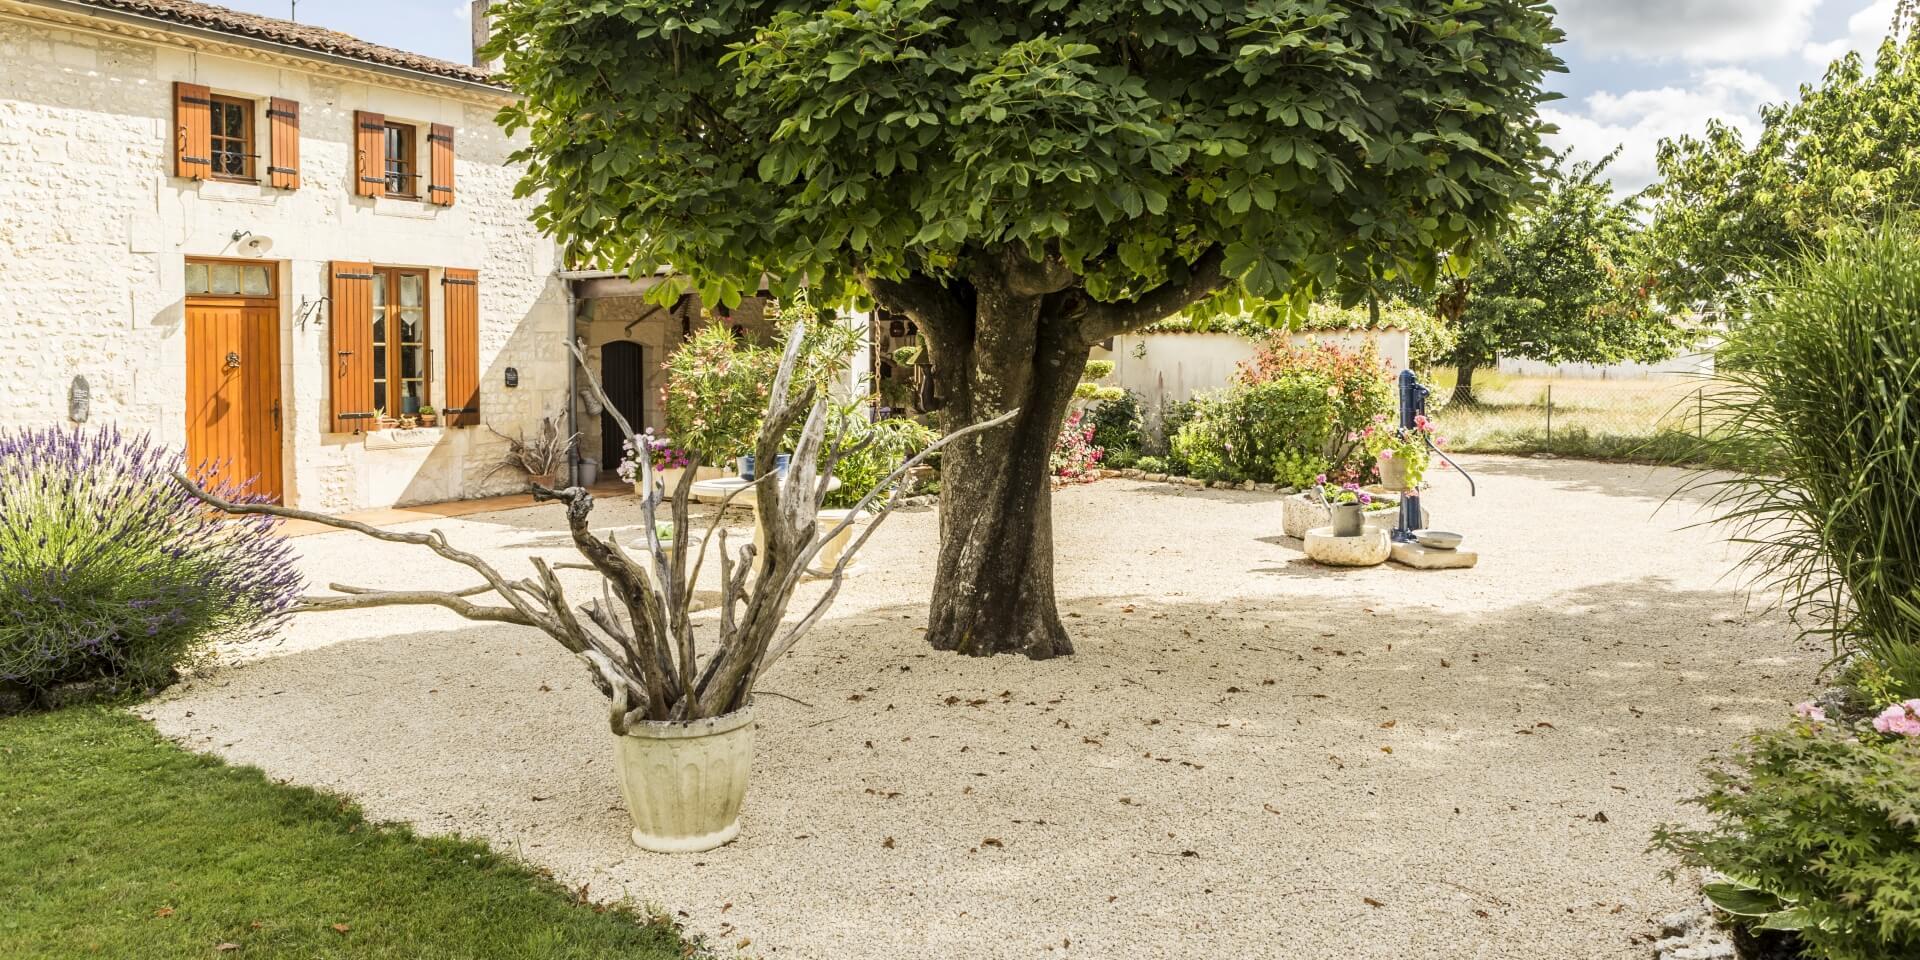 Amenagement Exterieur Terrasse Maison daniel moquet, aménagement cour, allée de jardin et terrasse